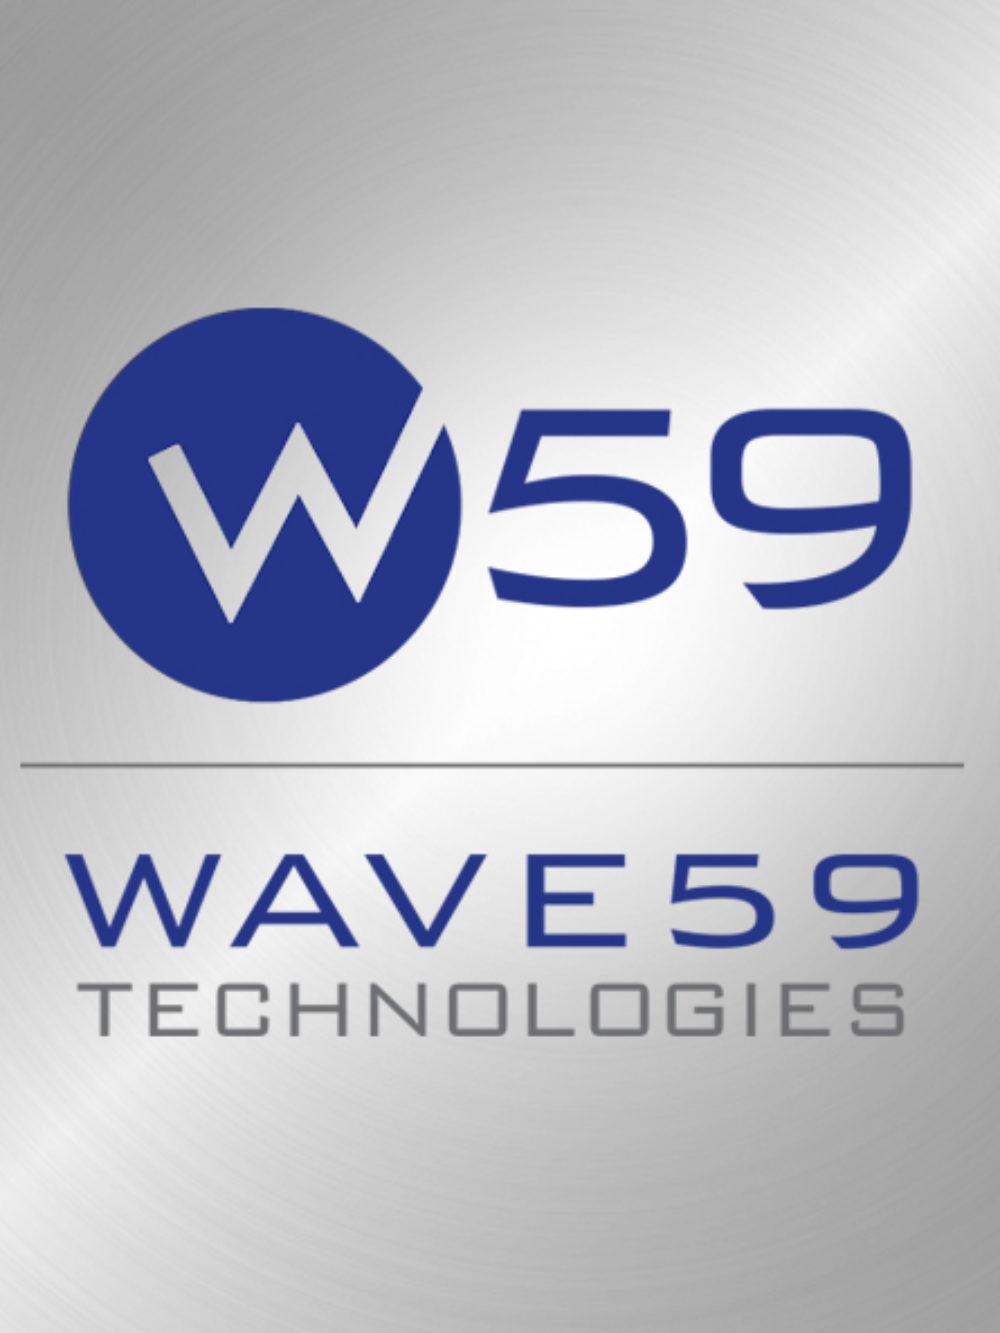 Open Design logo_W59